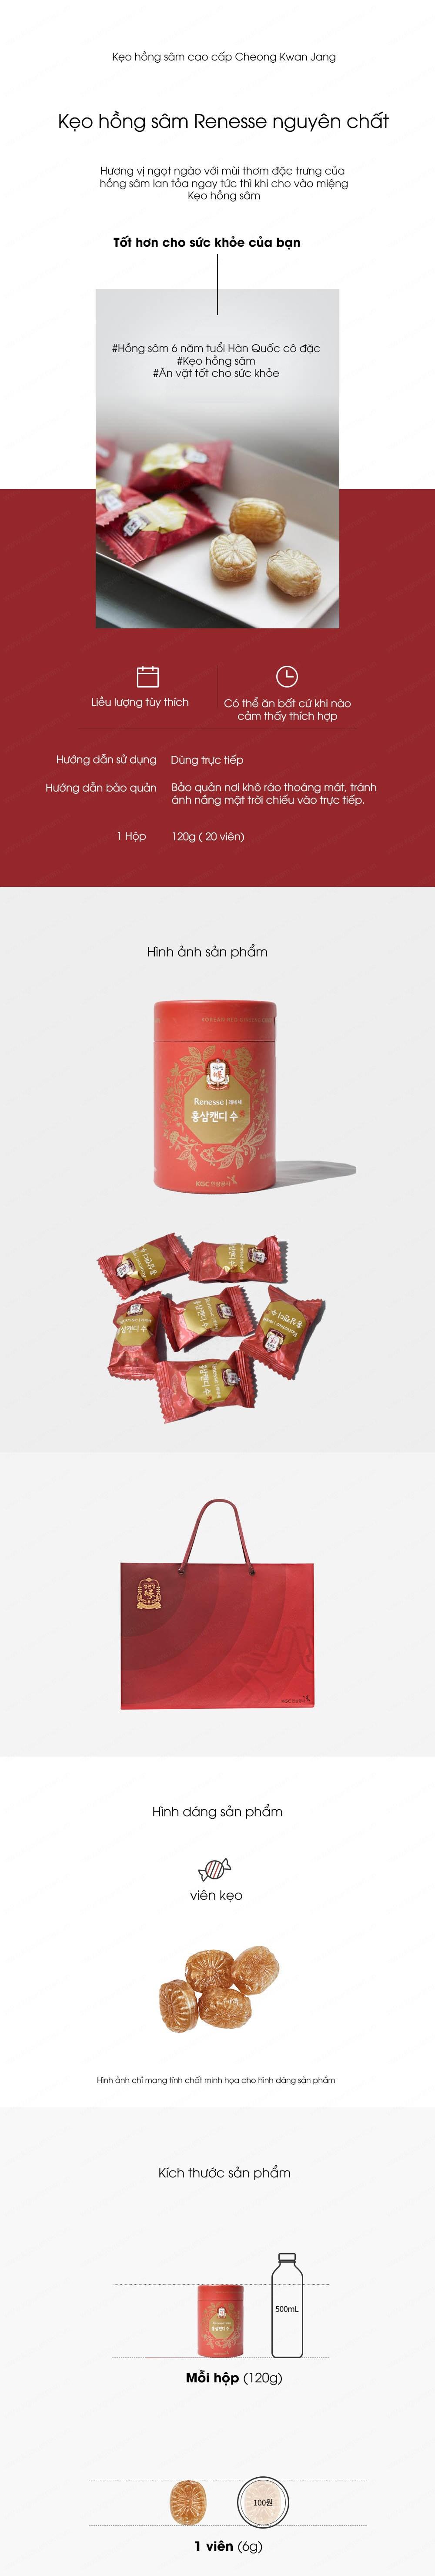 kẹo hồng sâm kgc 120g